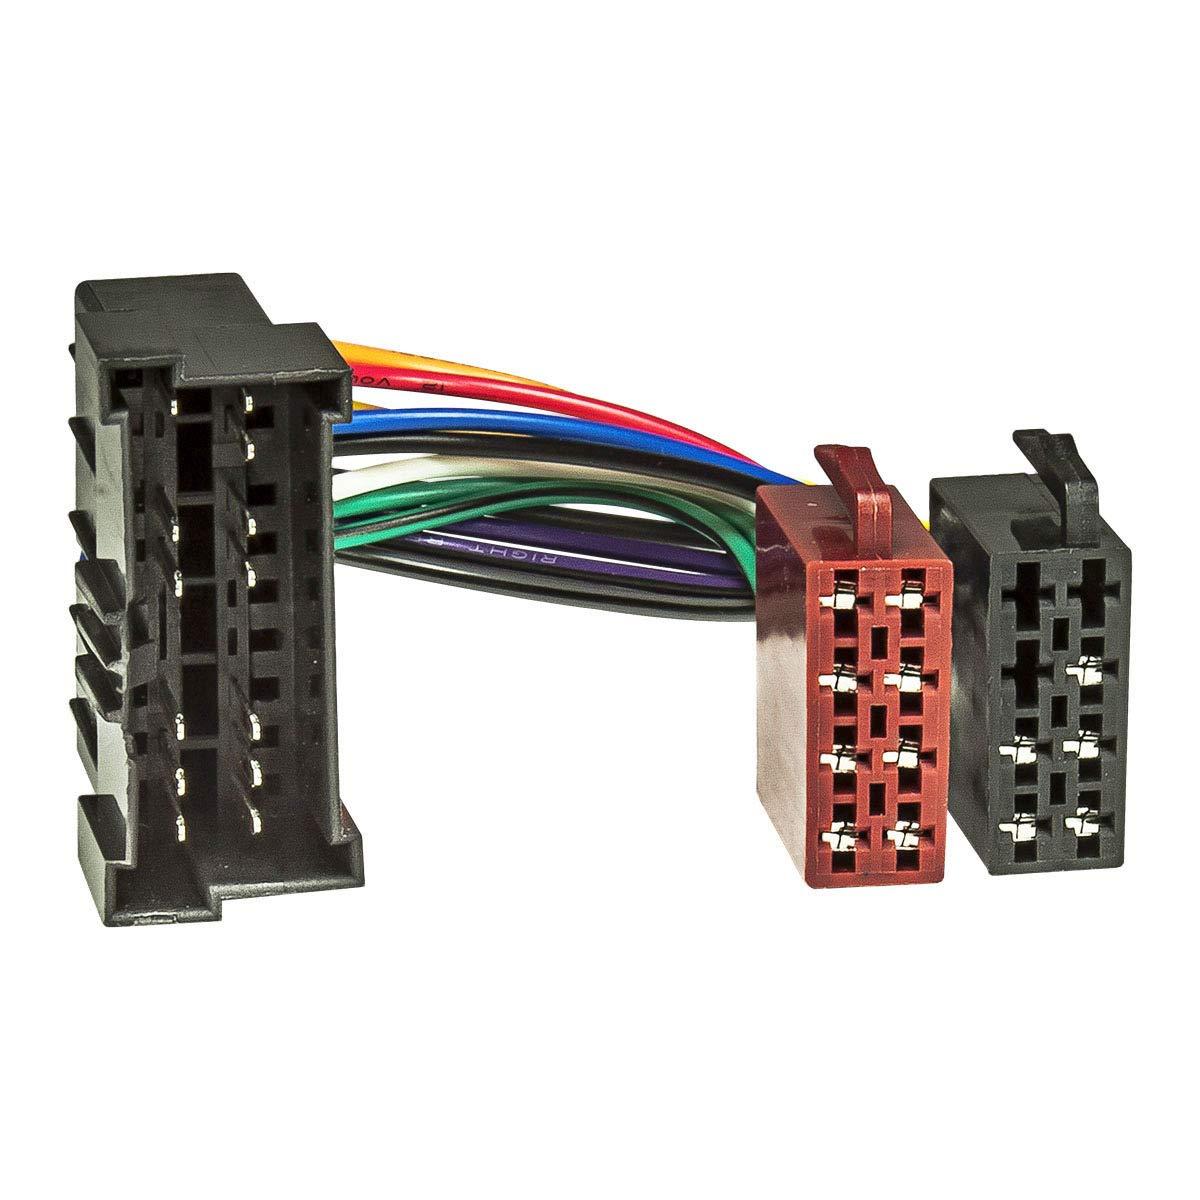 /électricit/é haut-parleurs Baseline connect c/âble adaptateur pour autoradio sur hYUNDAI 1998 et kIA 2002 sur iSO